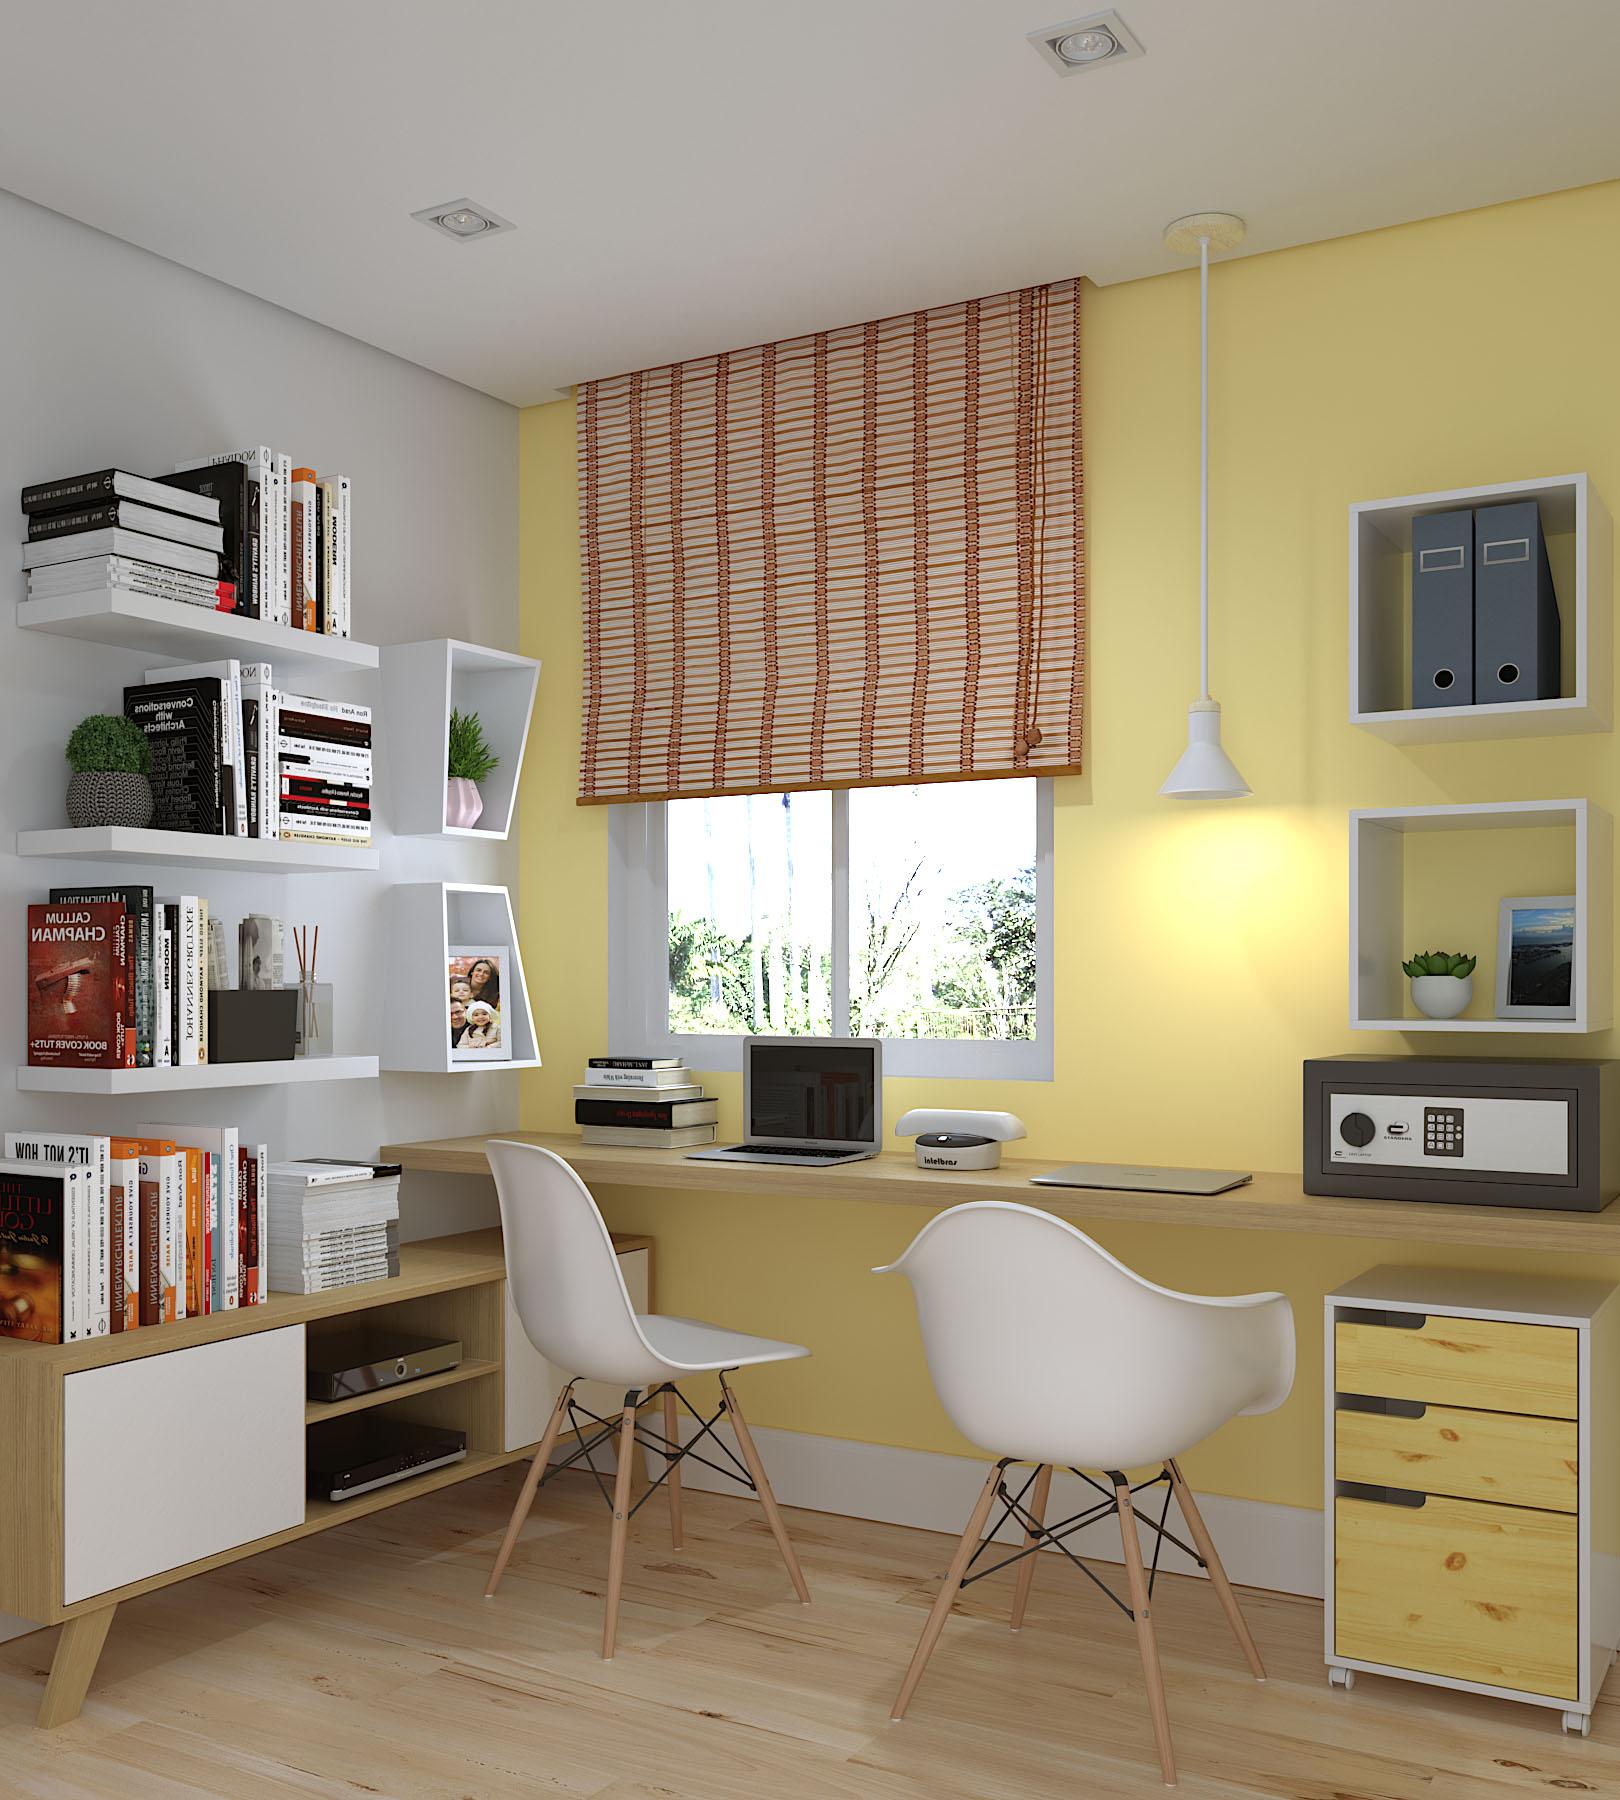 Escritório pequeno decorado com persiana e rack Leroy Merlin -> Escritorio Decorado Pequeno